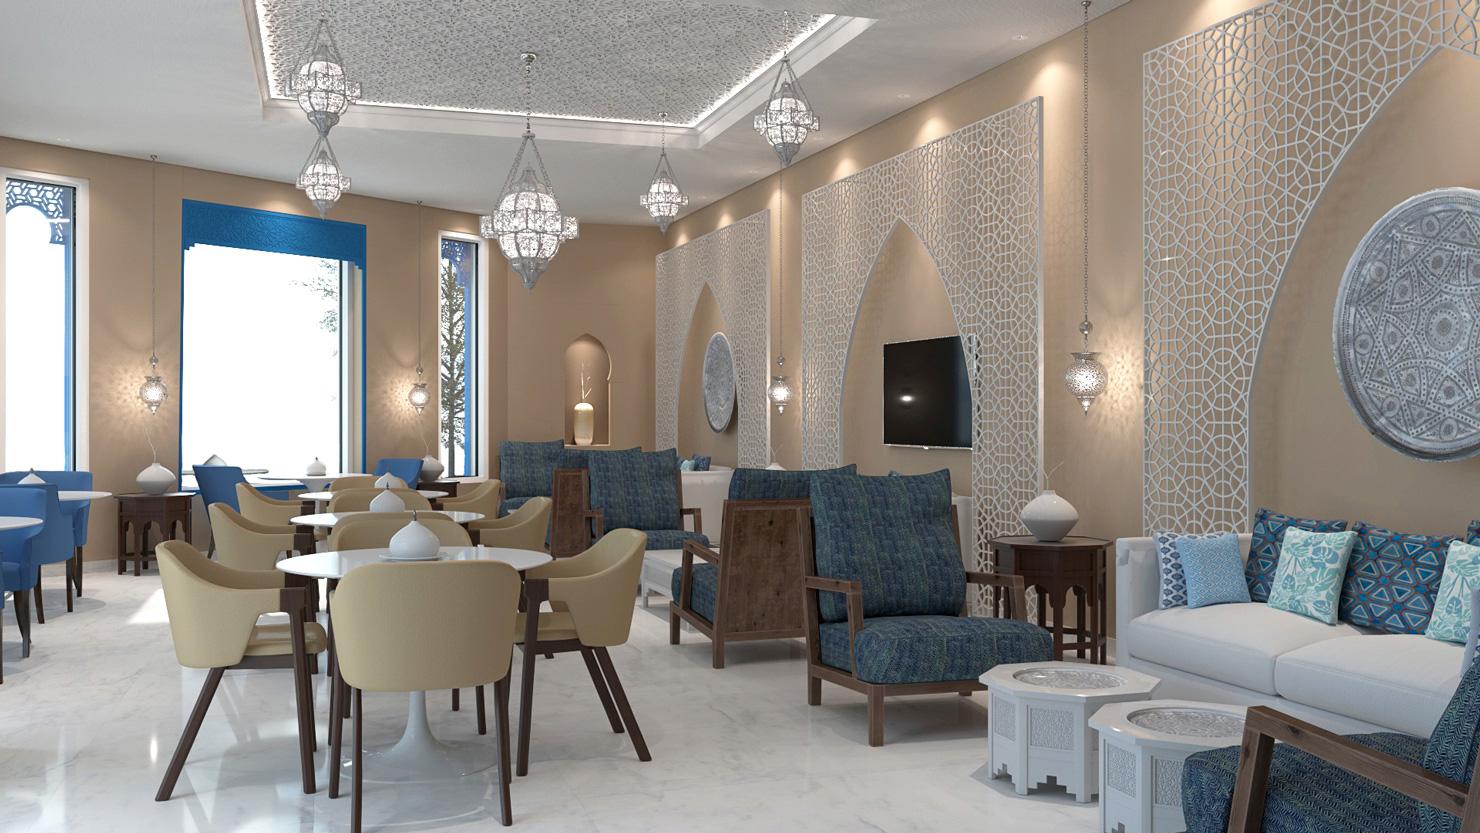 Catdesign Tunisie Decoration Interieure Et Conception De Stands Showrooms Magasins Cafes Restaurants Centres Commerciaux